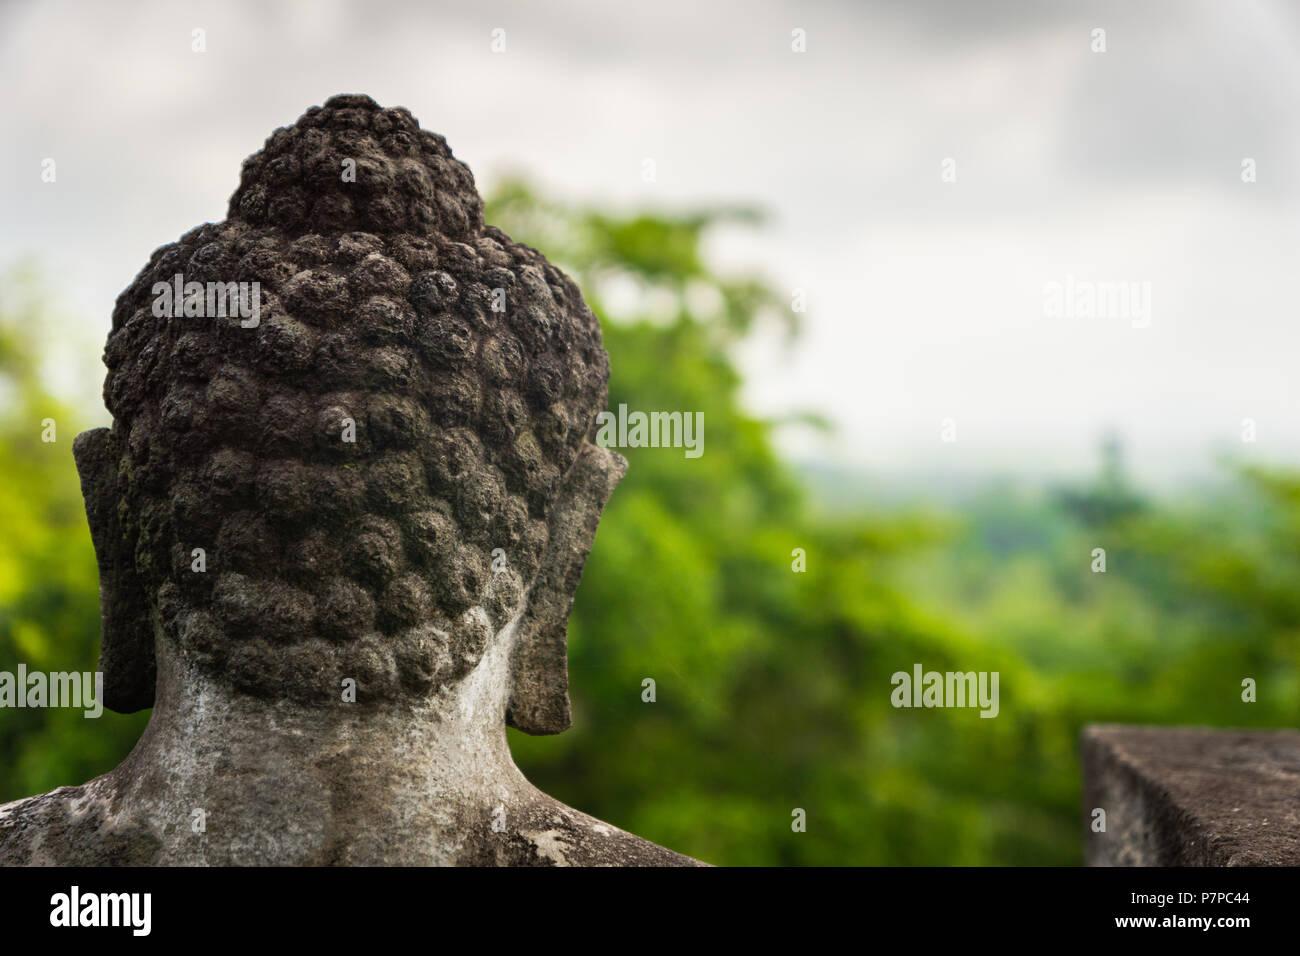 L'arrière de la tête d'une statue de Bouddha qui donne sur le Temple de Borobudur en Indonésie. Banque D'Images